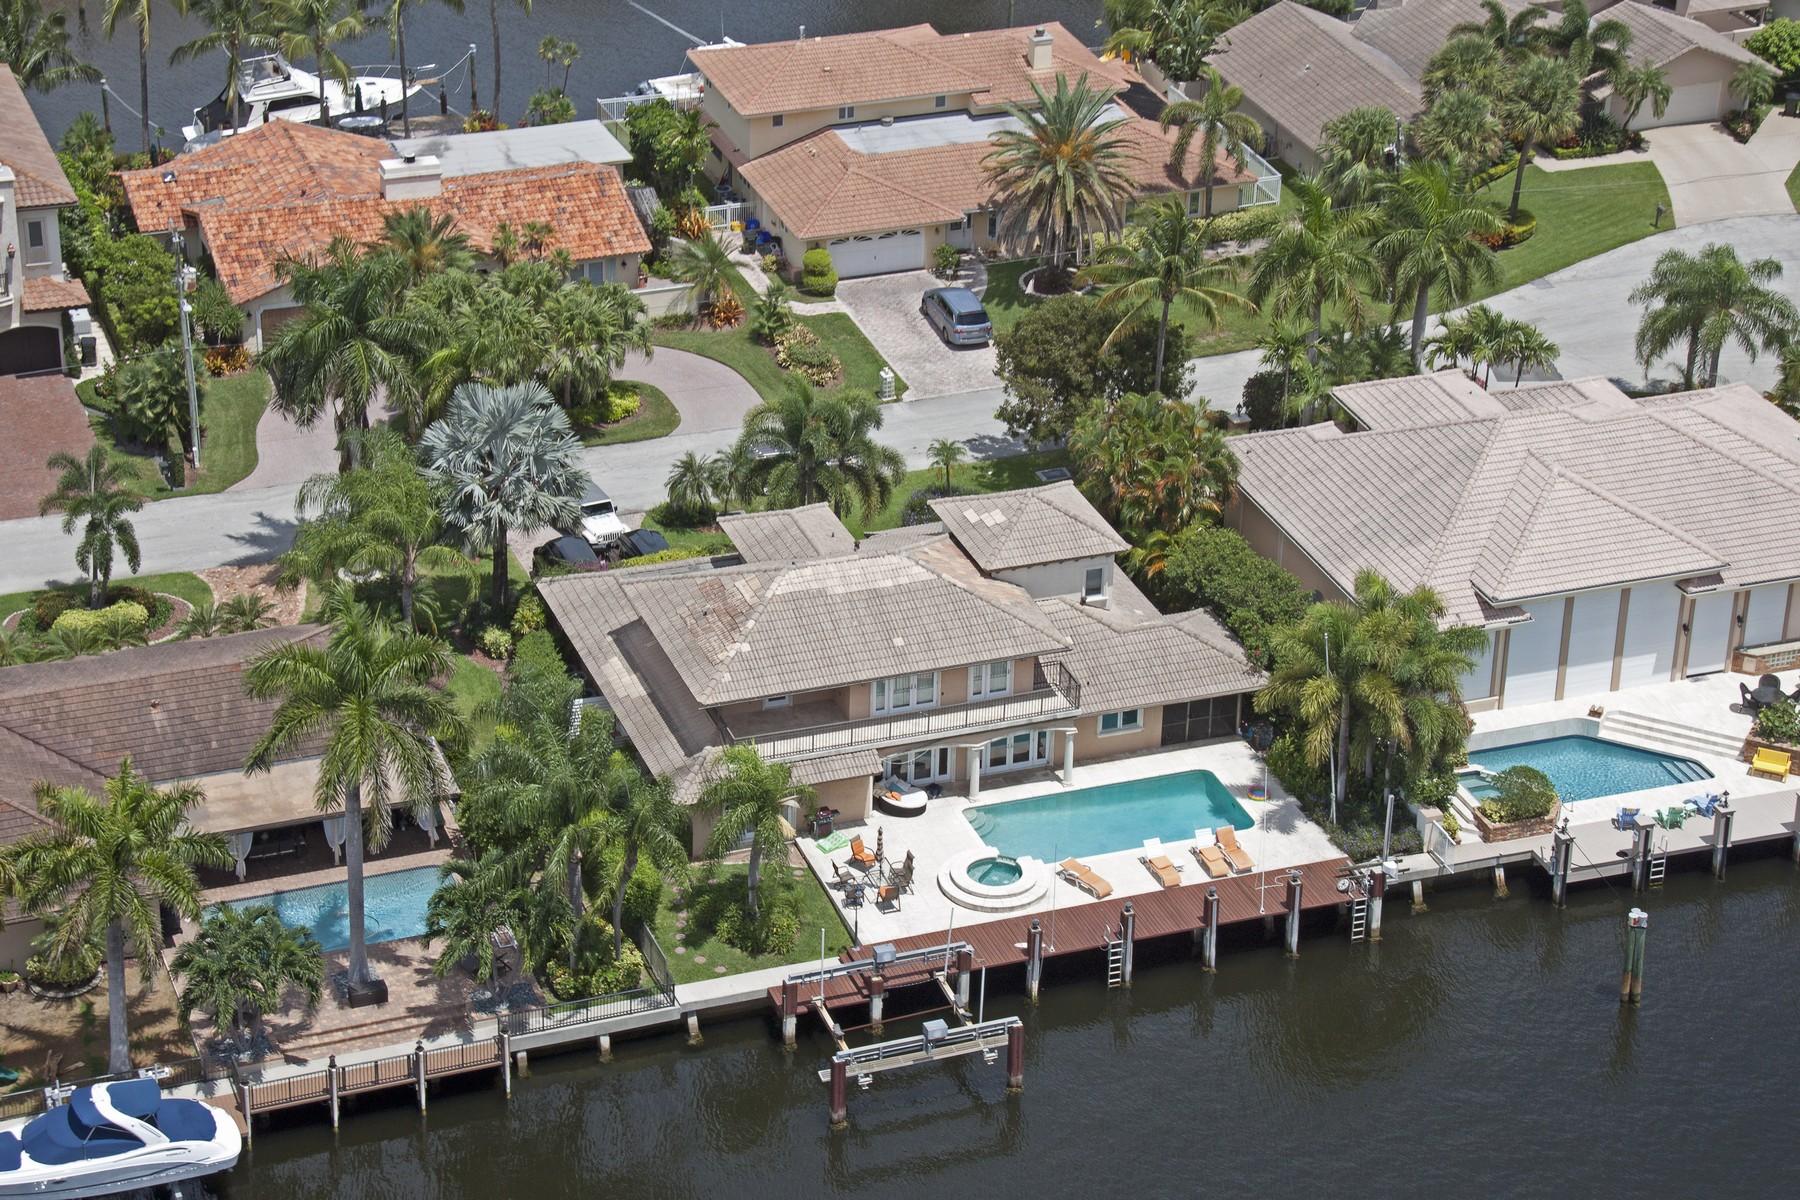 Casa Unifamiliar por un Venta en 950 Hyacinth Drive , Delray Beach, FL 33483 950 950 Hyacinth Dr Delray Beach, Florida, 33483 Estados Unidos